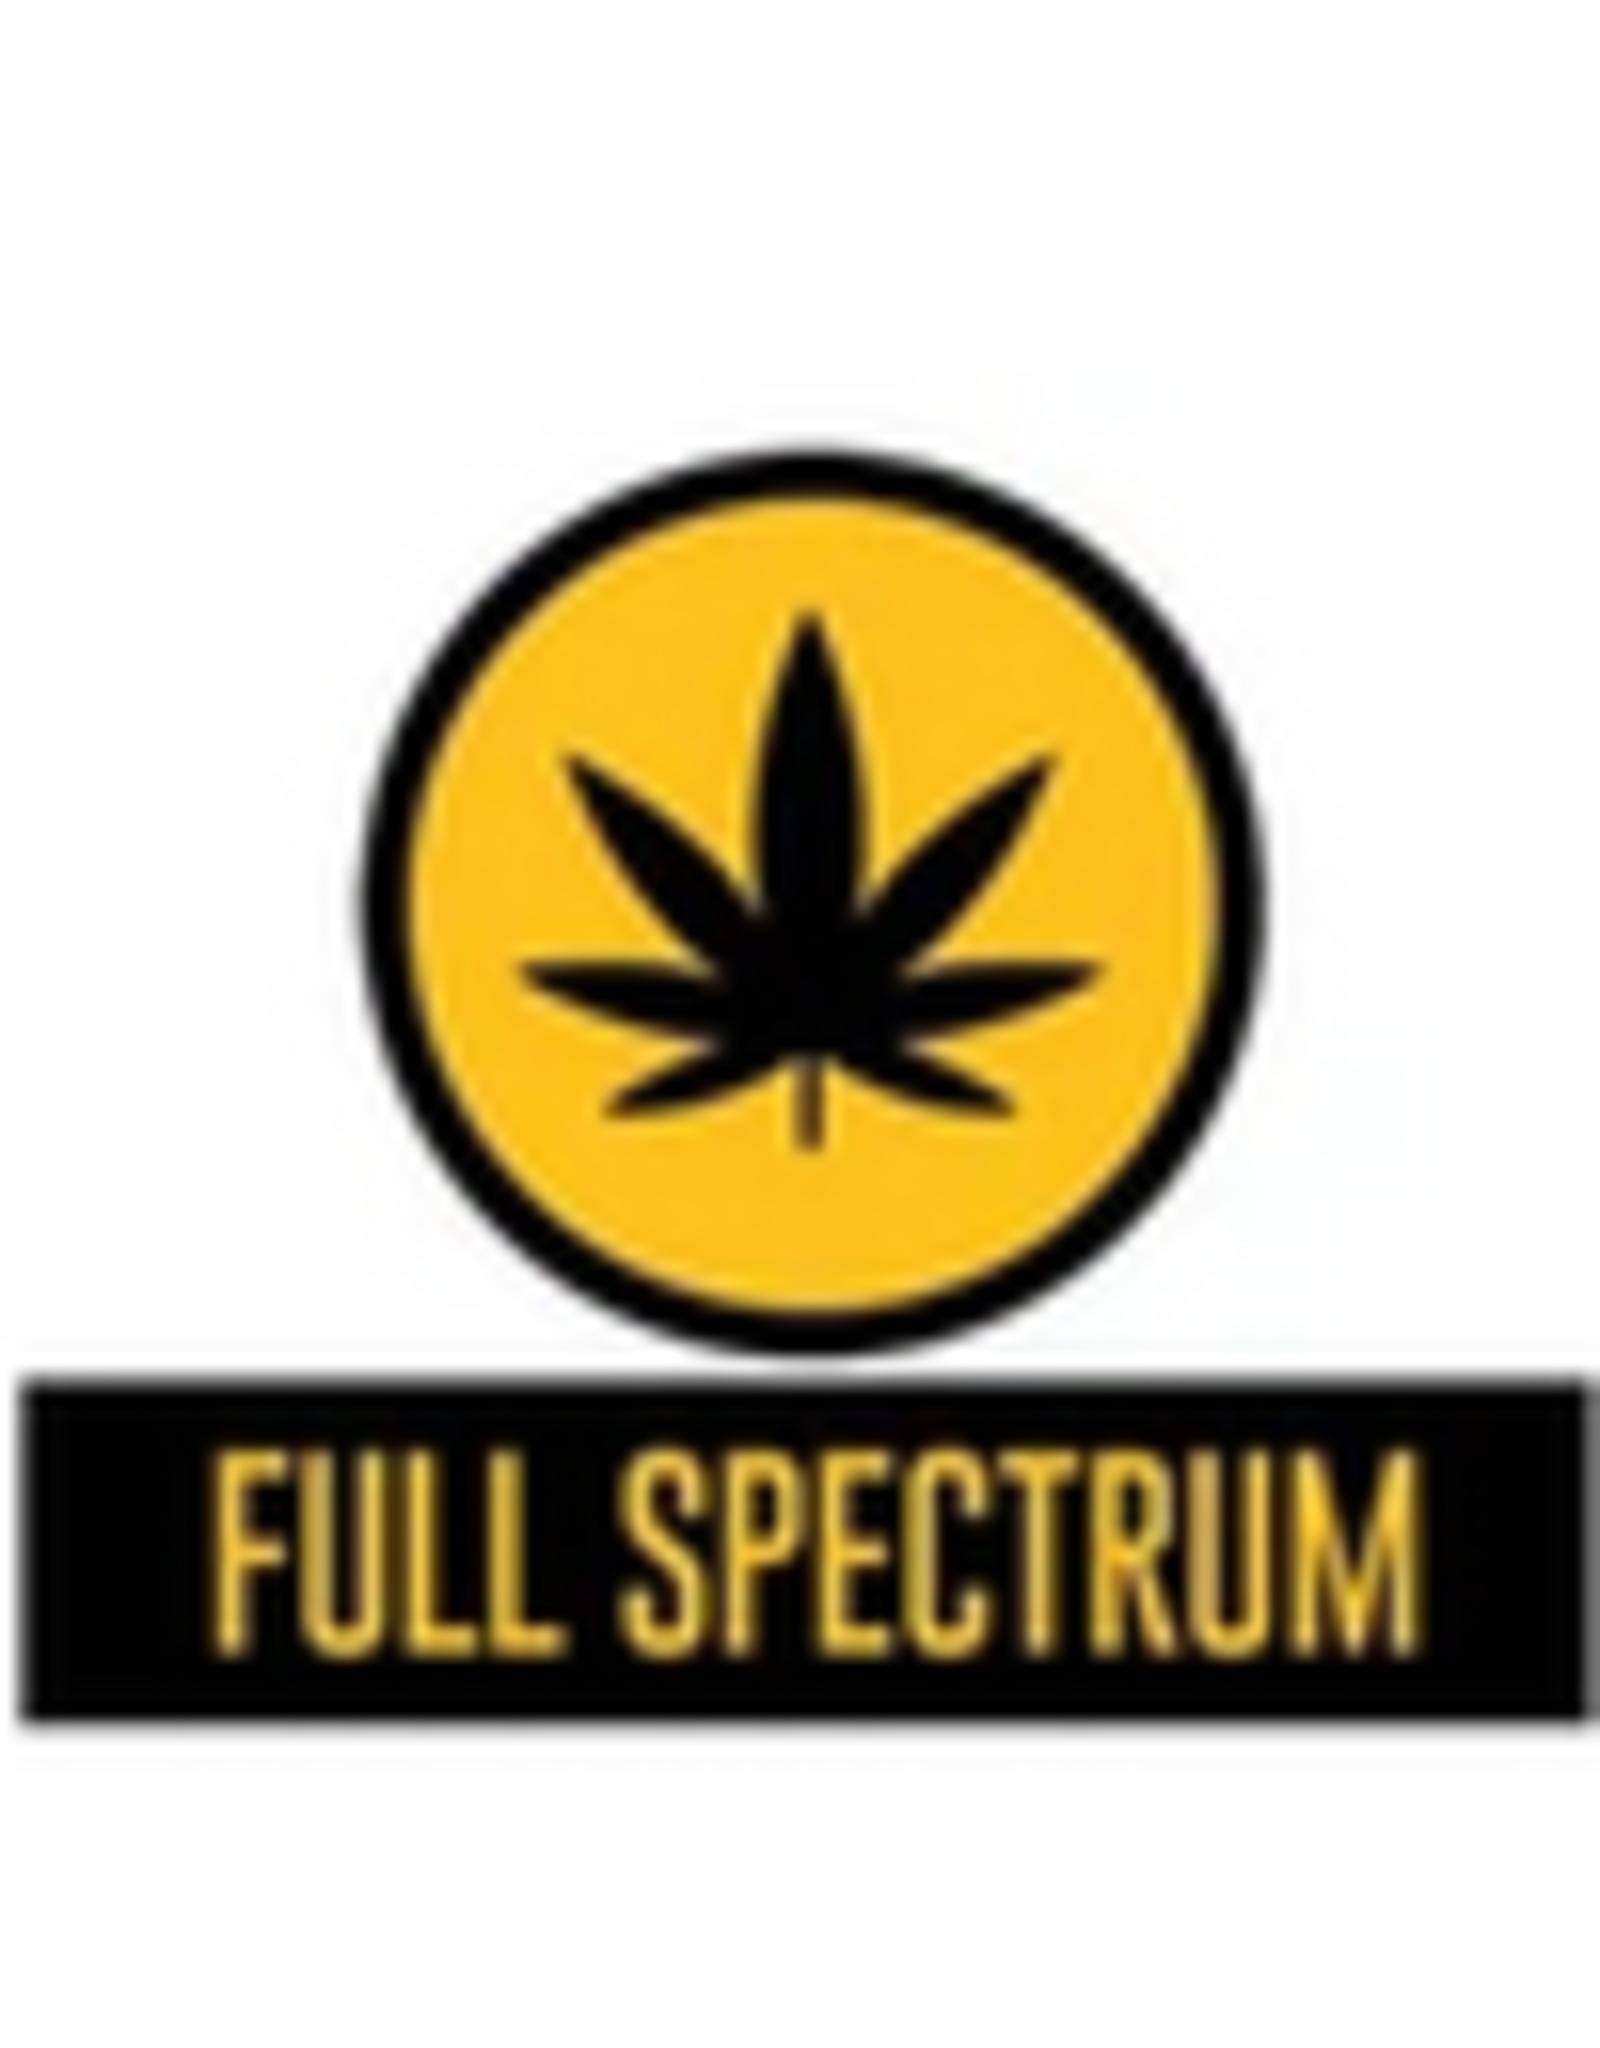 Pinnacle Hemp Full Spectrum CBD Trainwreck Disposable Pen 150mg